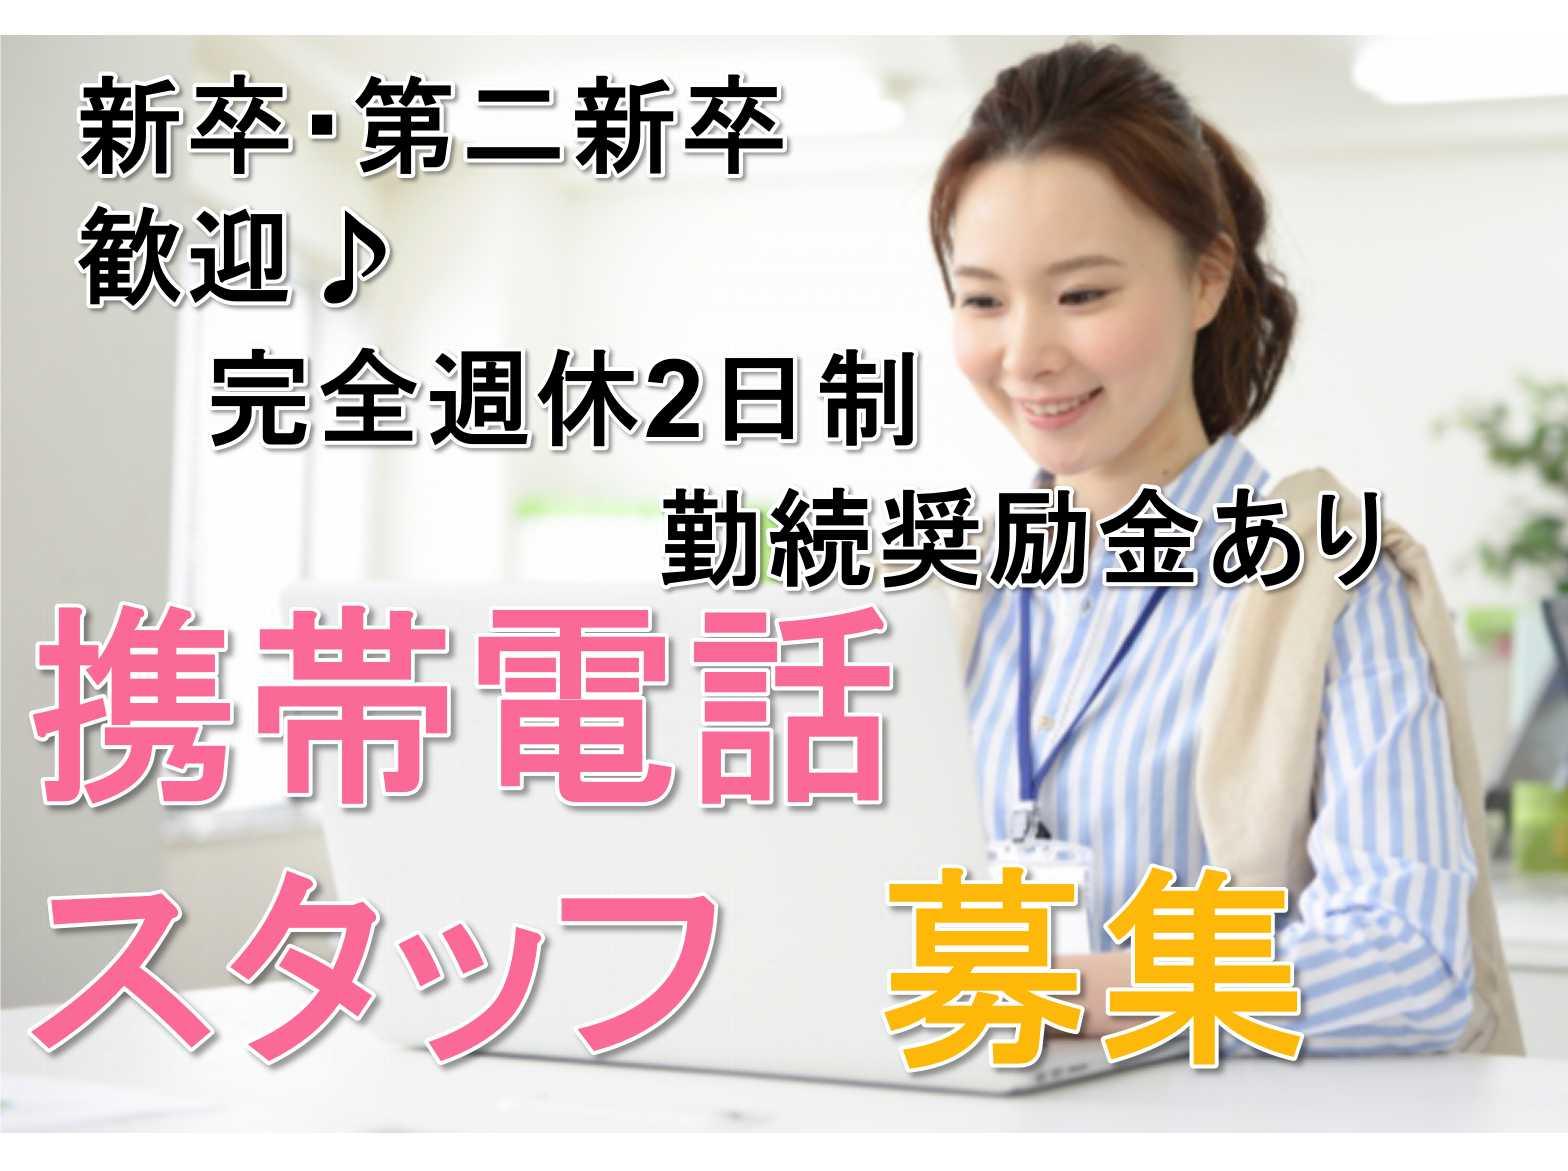 【名古屋市天白区】◆完全週休2日制◆勤続奨励金あり◆携帯電話スタッフ募集中◆ イメージ